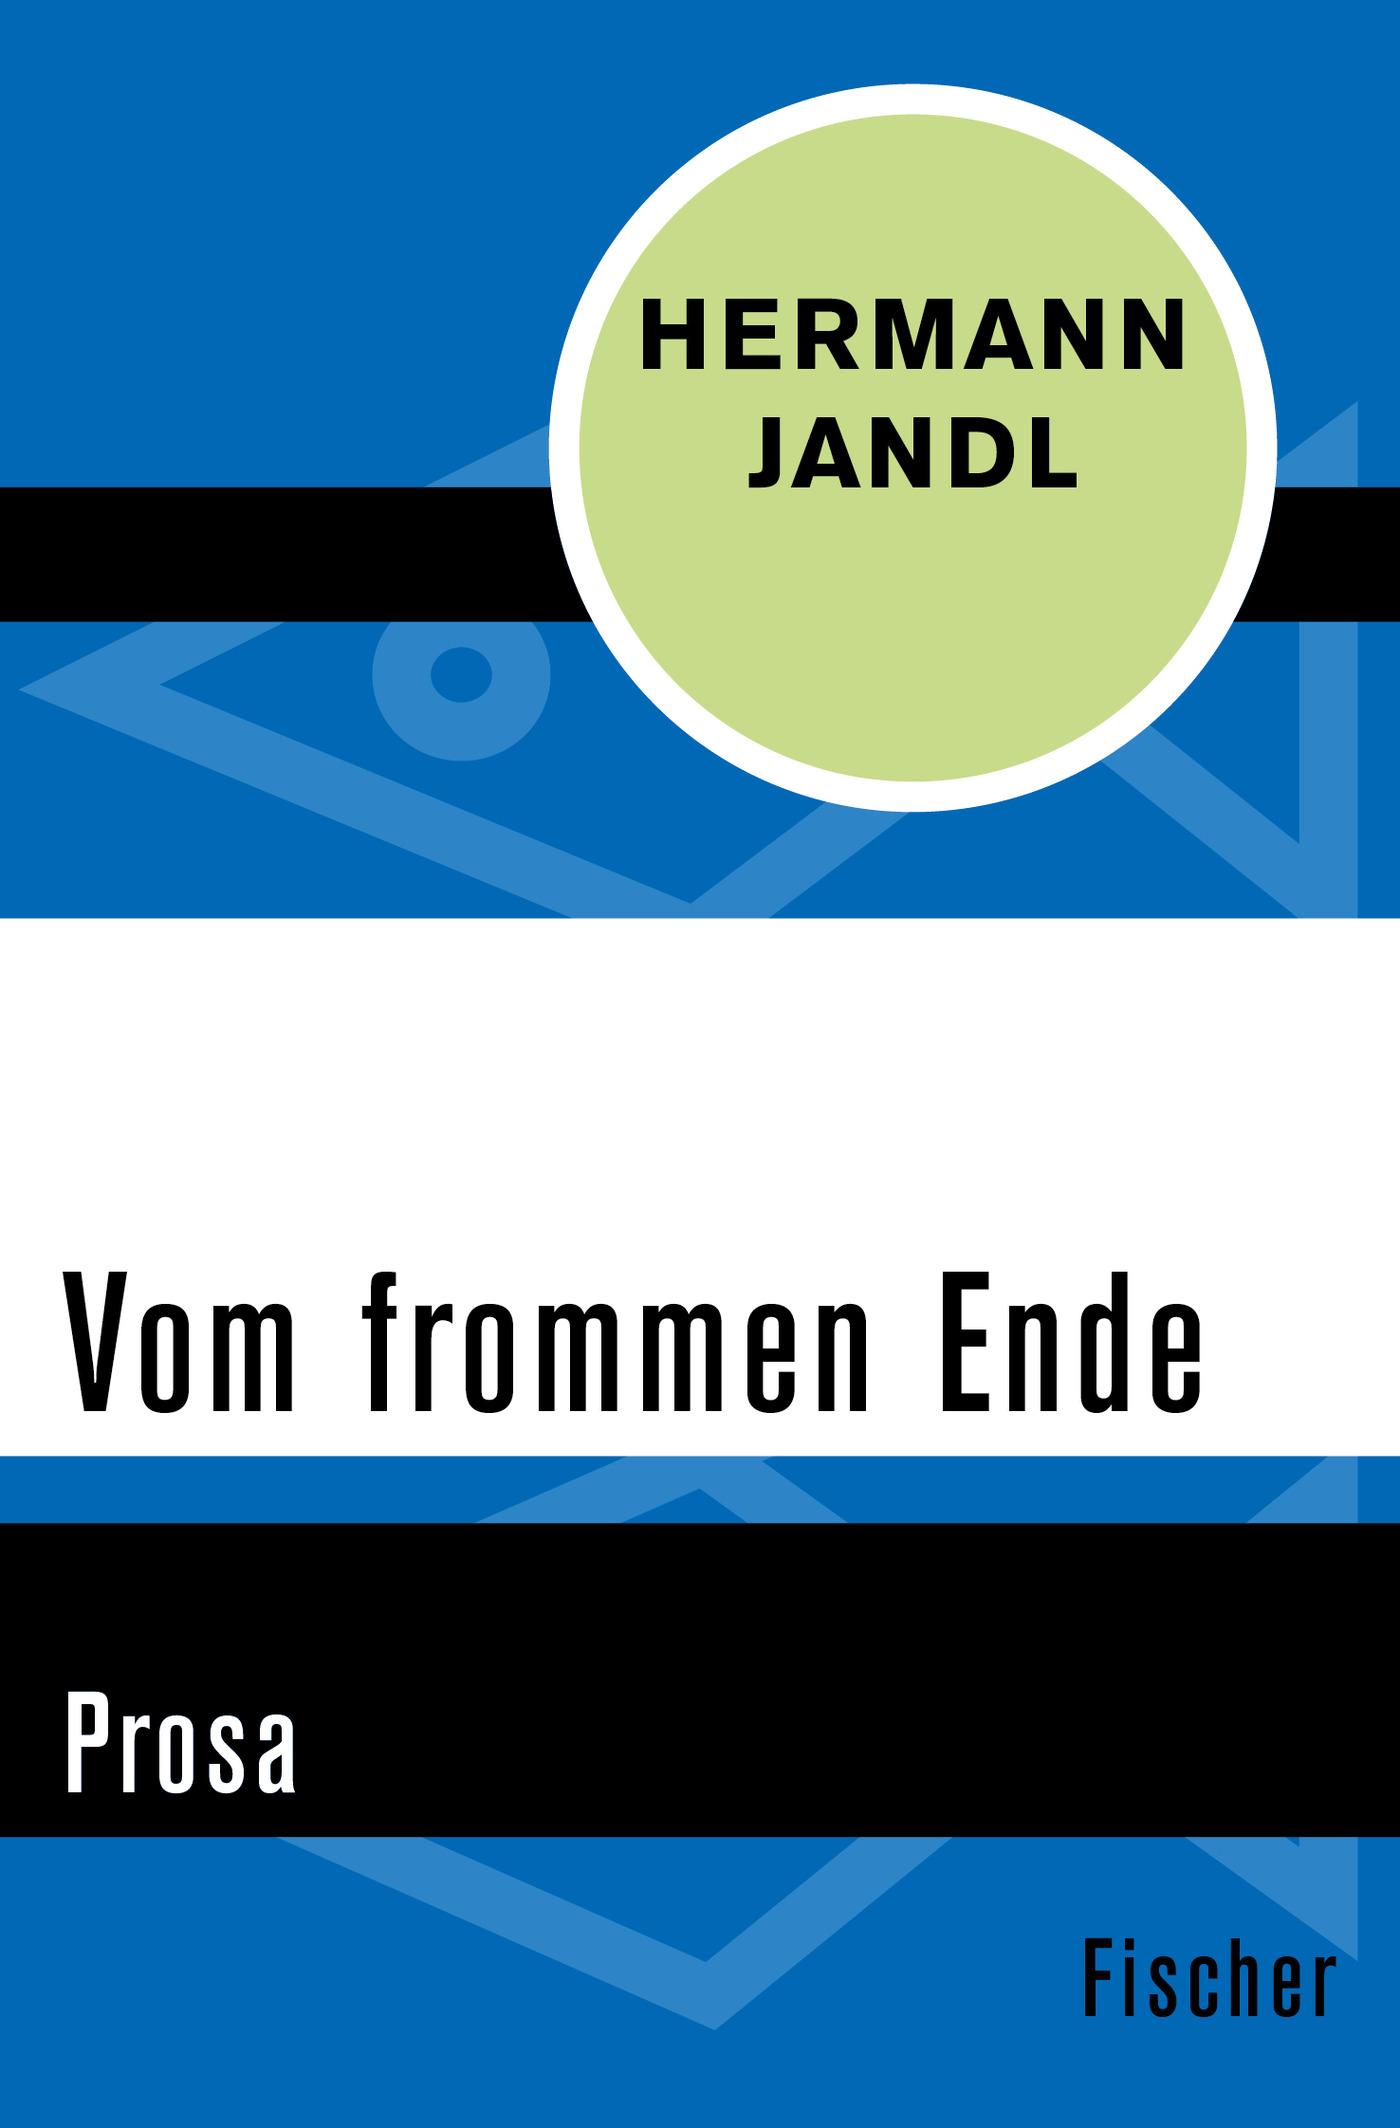 Vom-frommen-Ende-Hermann-Jandl